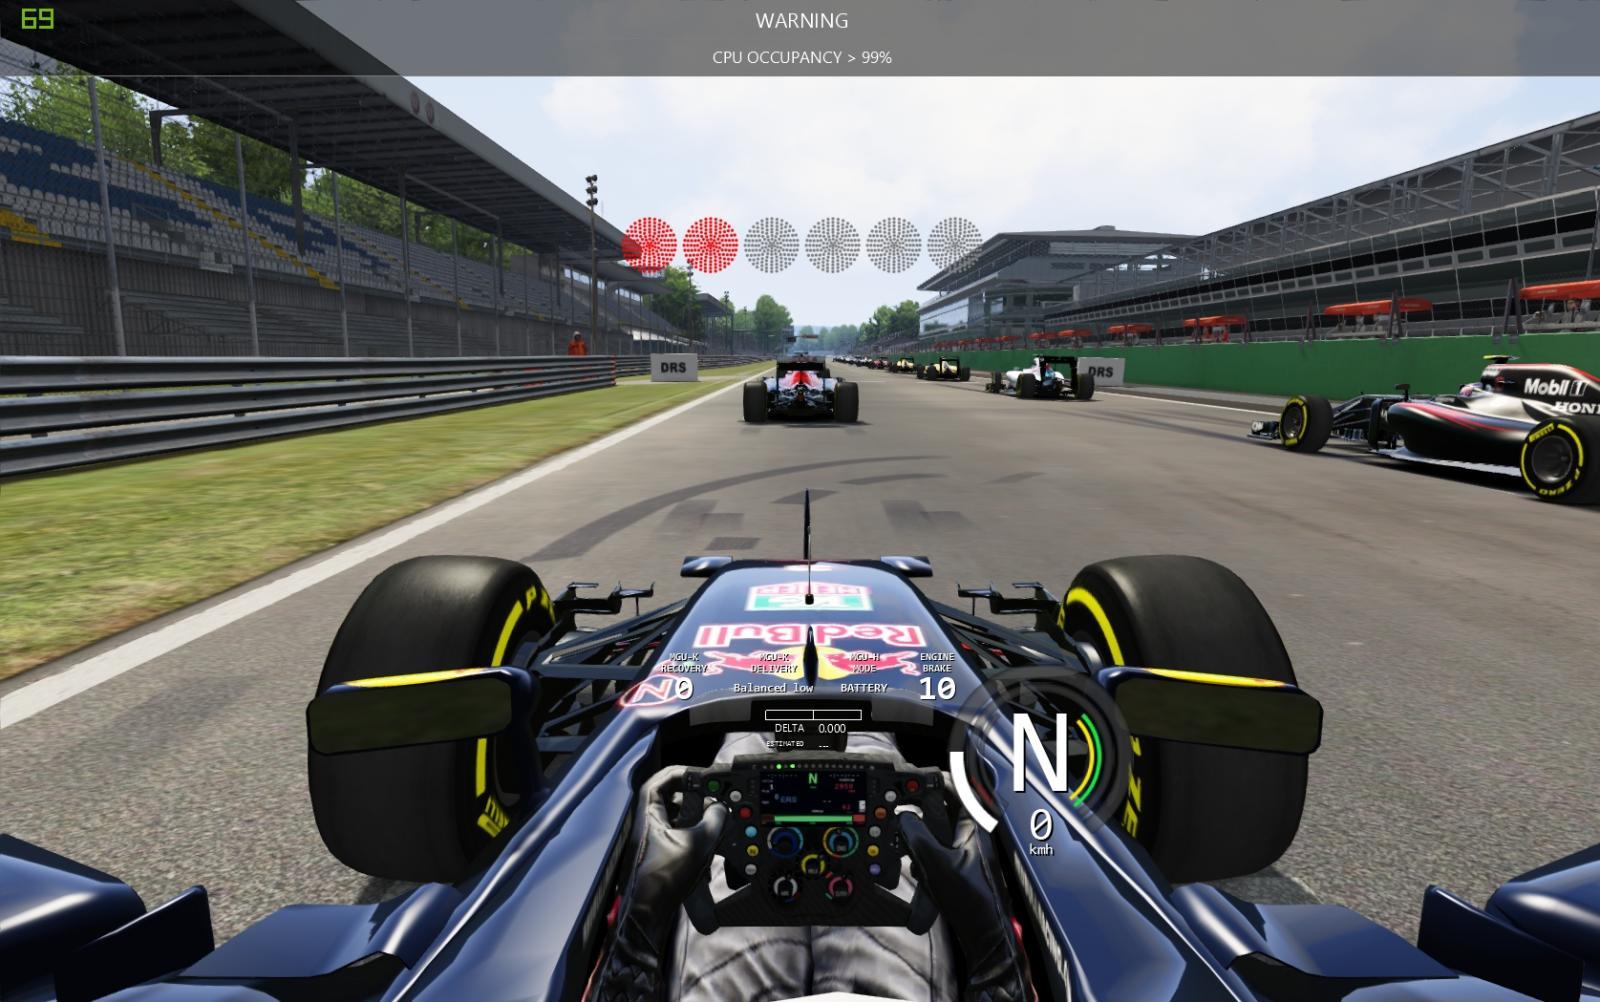 57d5ce05b218c_Screenshot_5.jpg